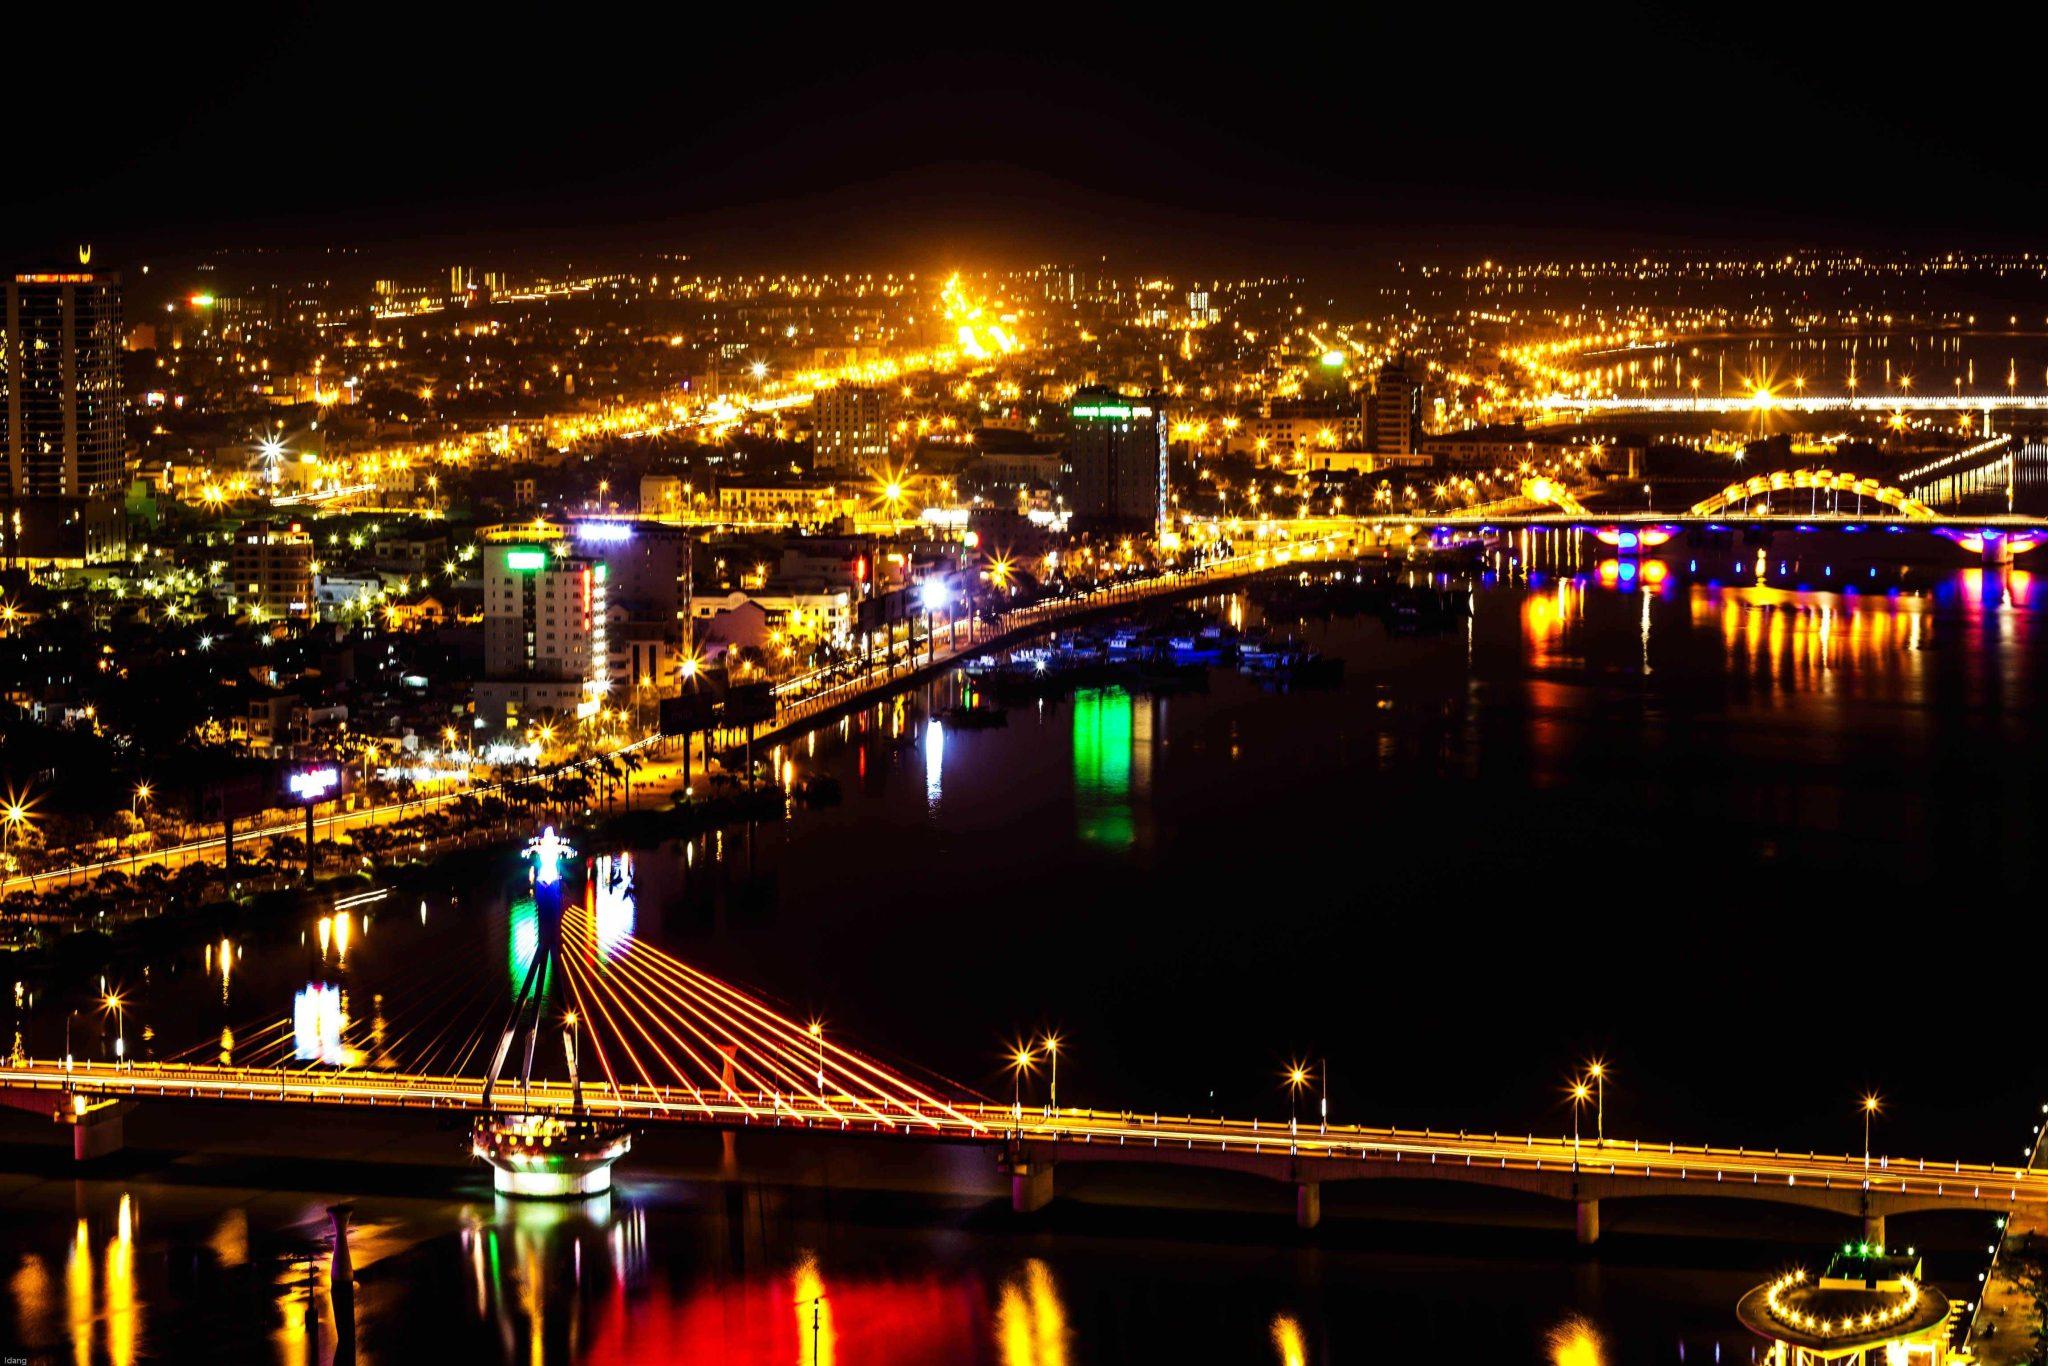 cau song han da nang 1 min 1 scaled - Review Cầu Sông Hàn Đà Nẵng: Thời Gian Quay, Cách Đi Đến